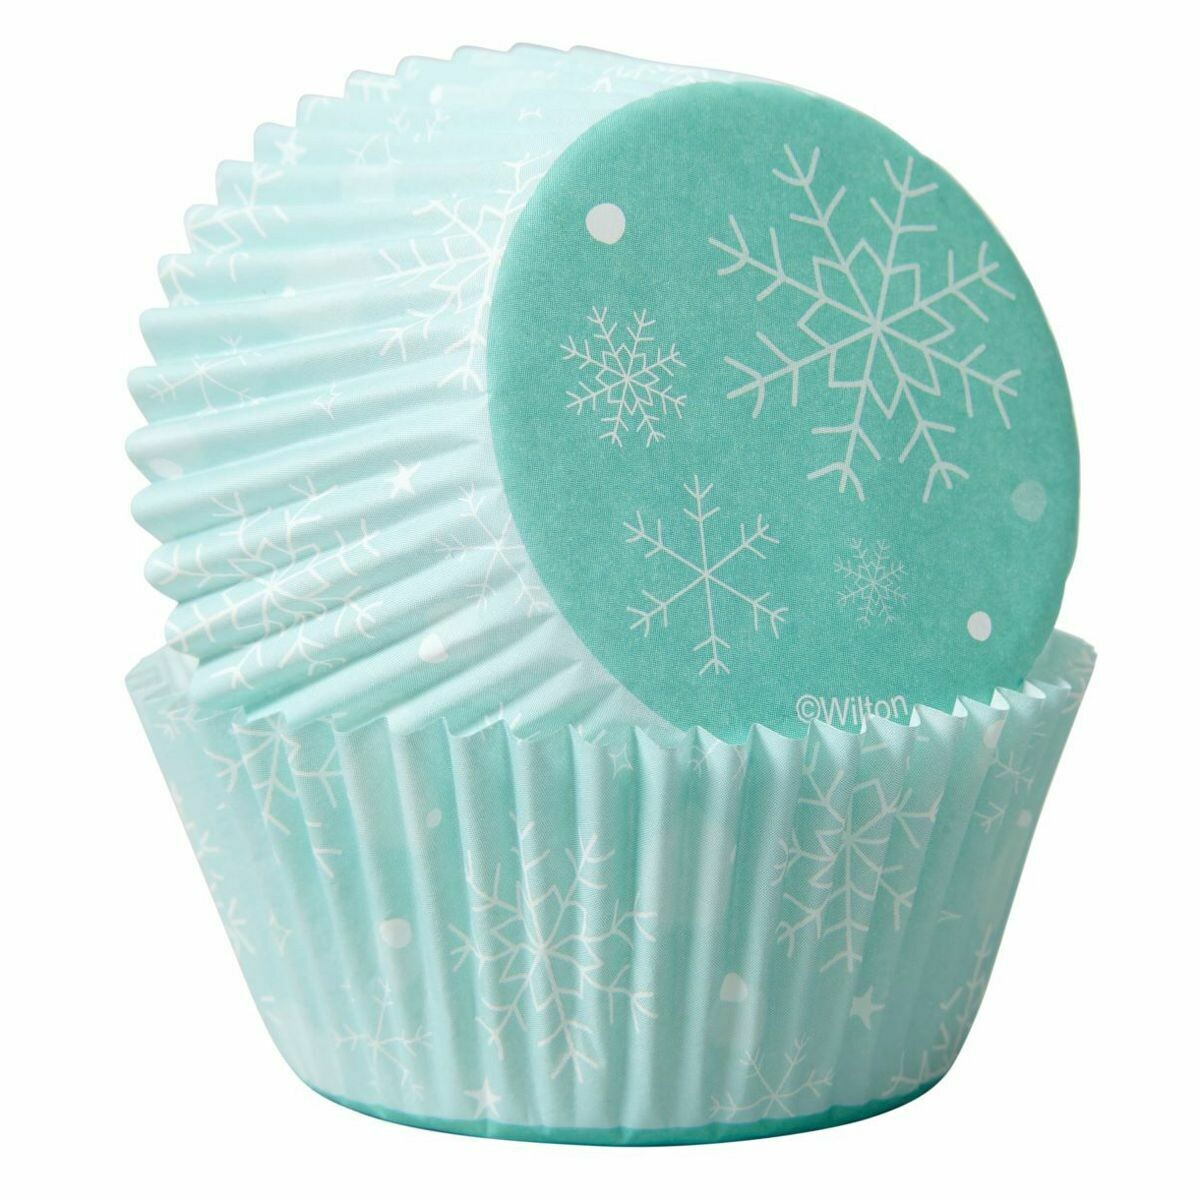 Wilton Christmas Cupcake Cases -FROZEN SNOWFLAKES -Θήκες ψησίματος Καπκέικ/Μάφιν με χιονονιφάδες 75 τεμ